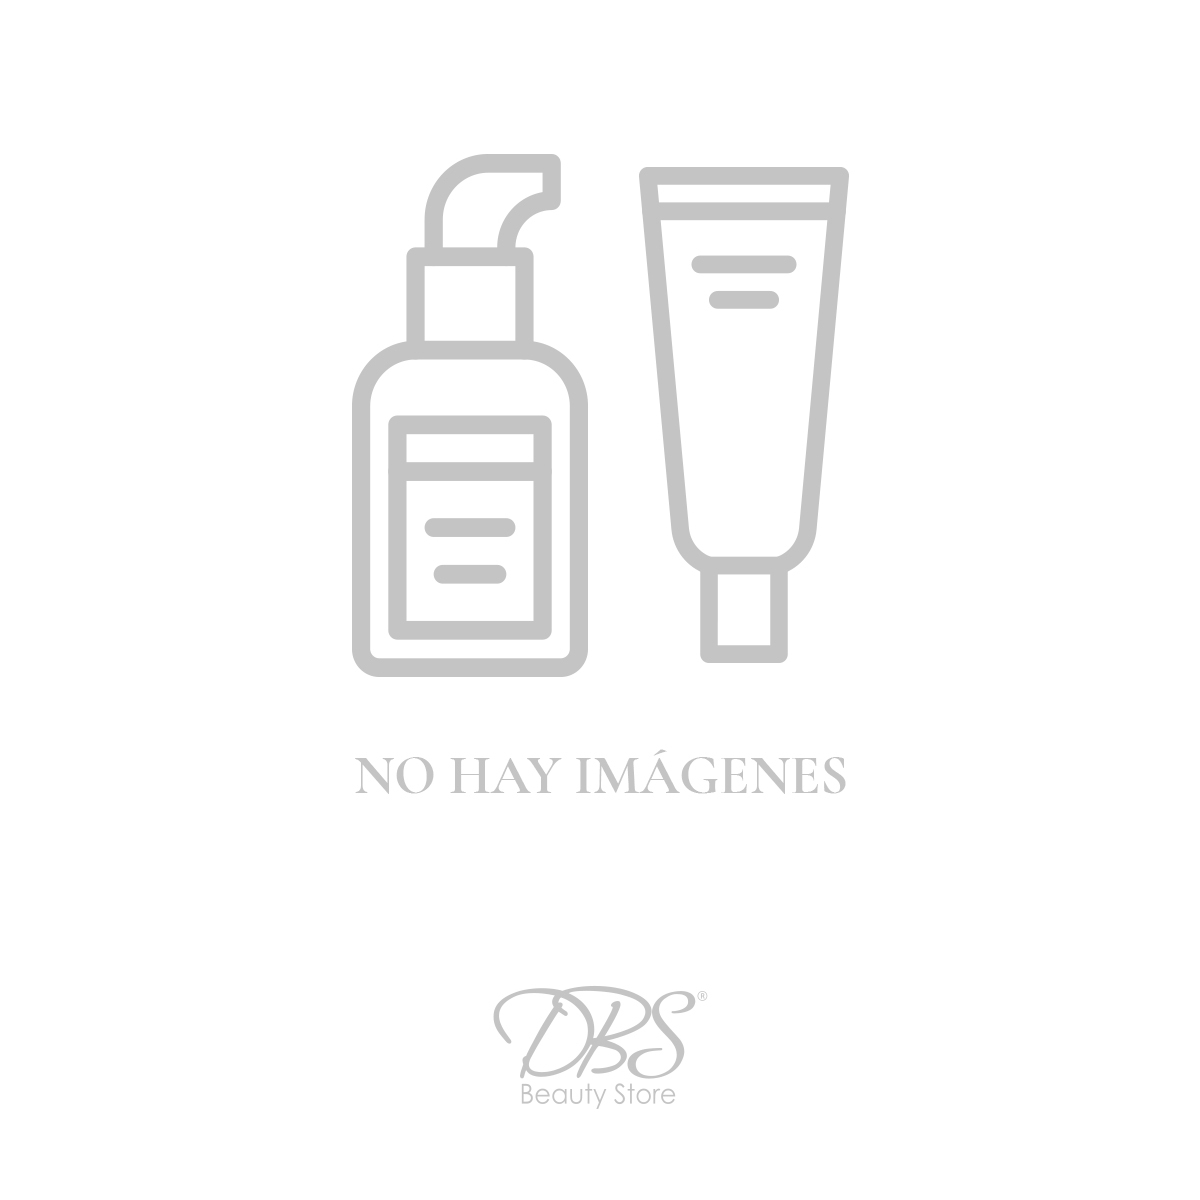 dbs-cosmetics-DBS-SCH1028-MP.jpg